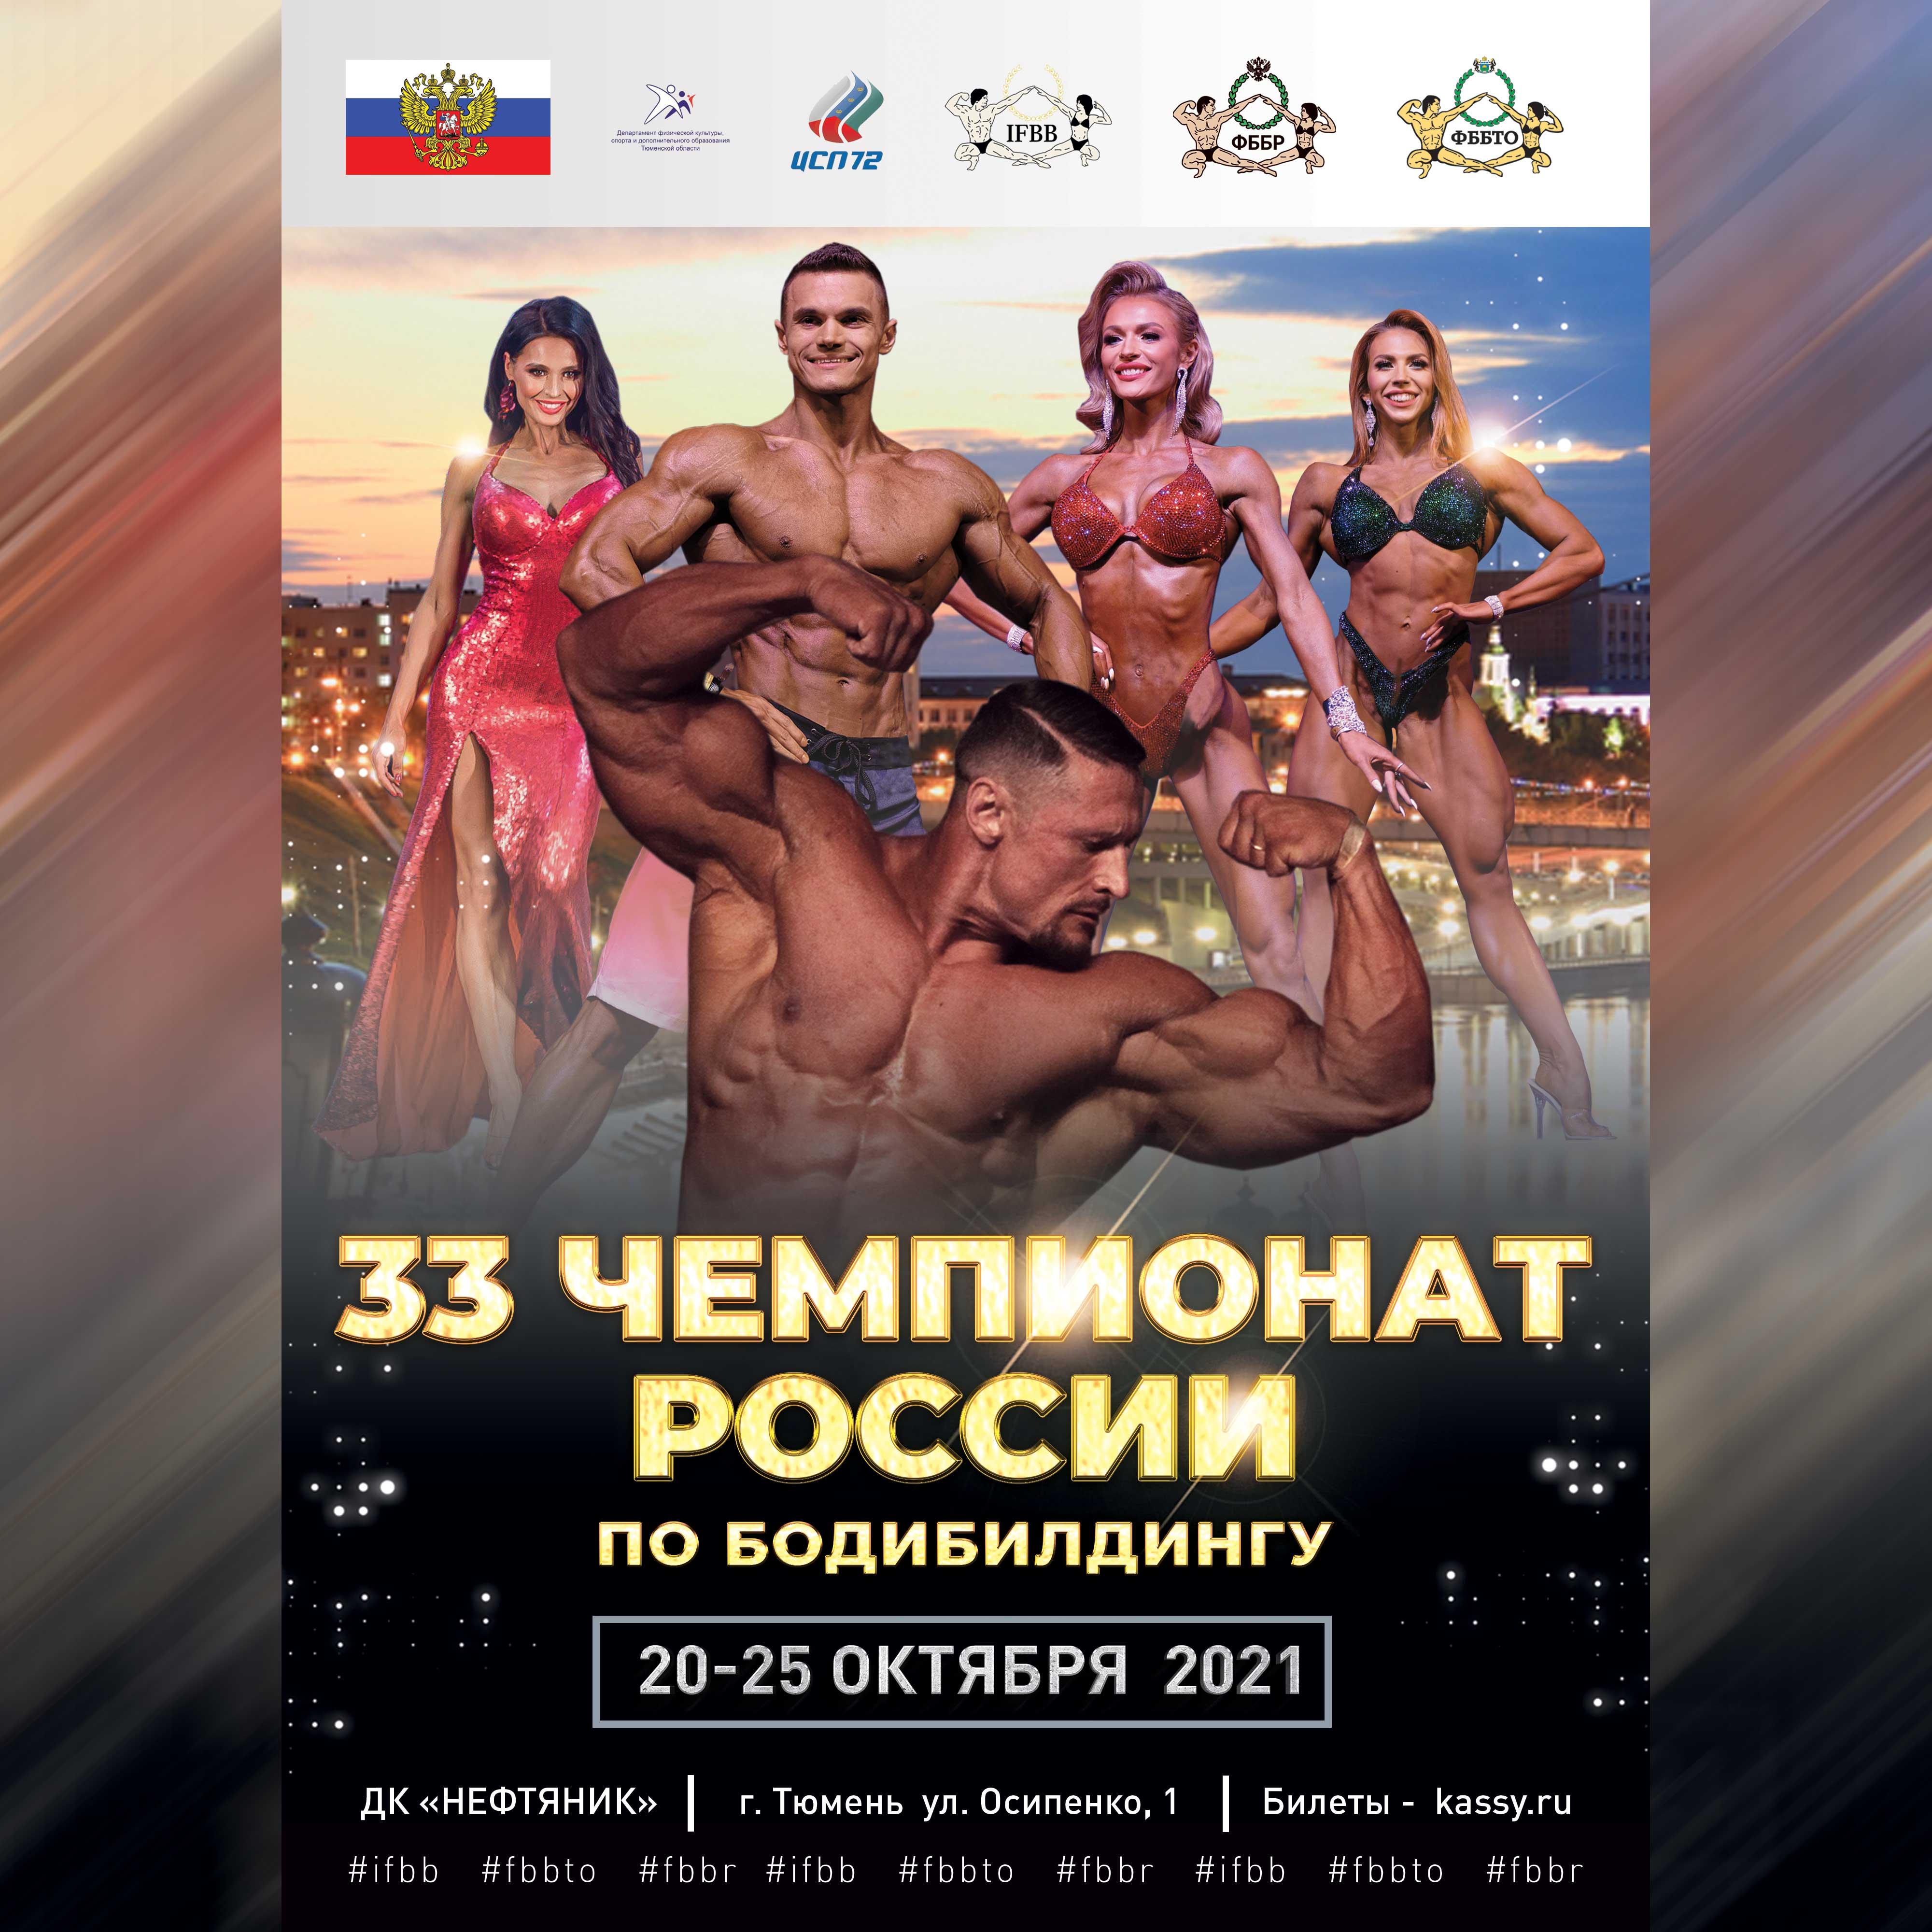 Прямая трансляция - Чемпионат России по бодибилдингу - 2021 (21 октября 2021)